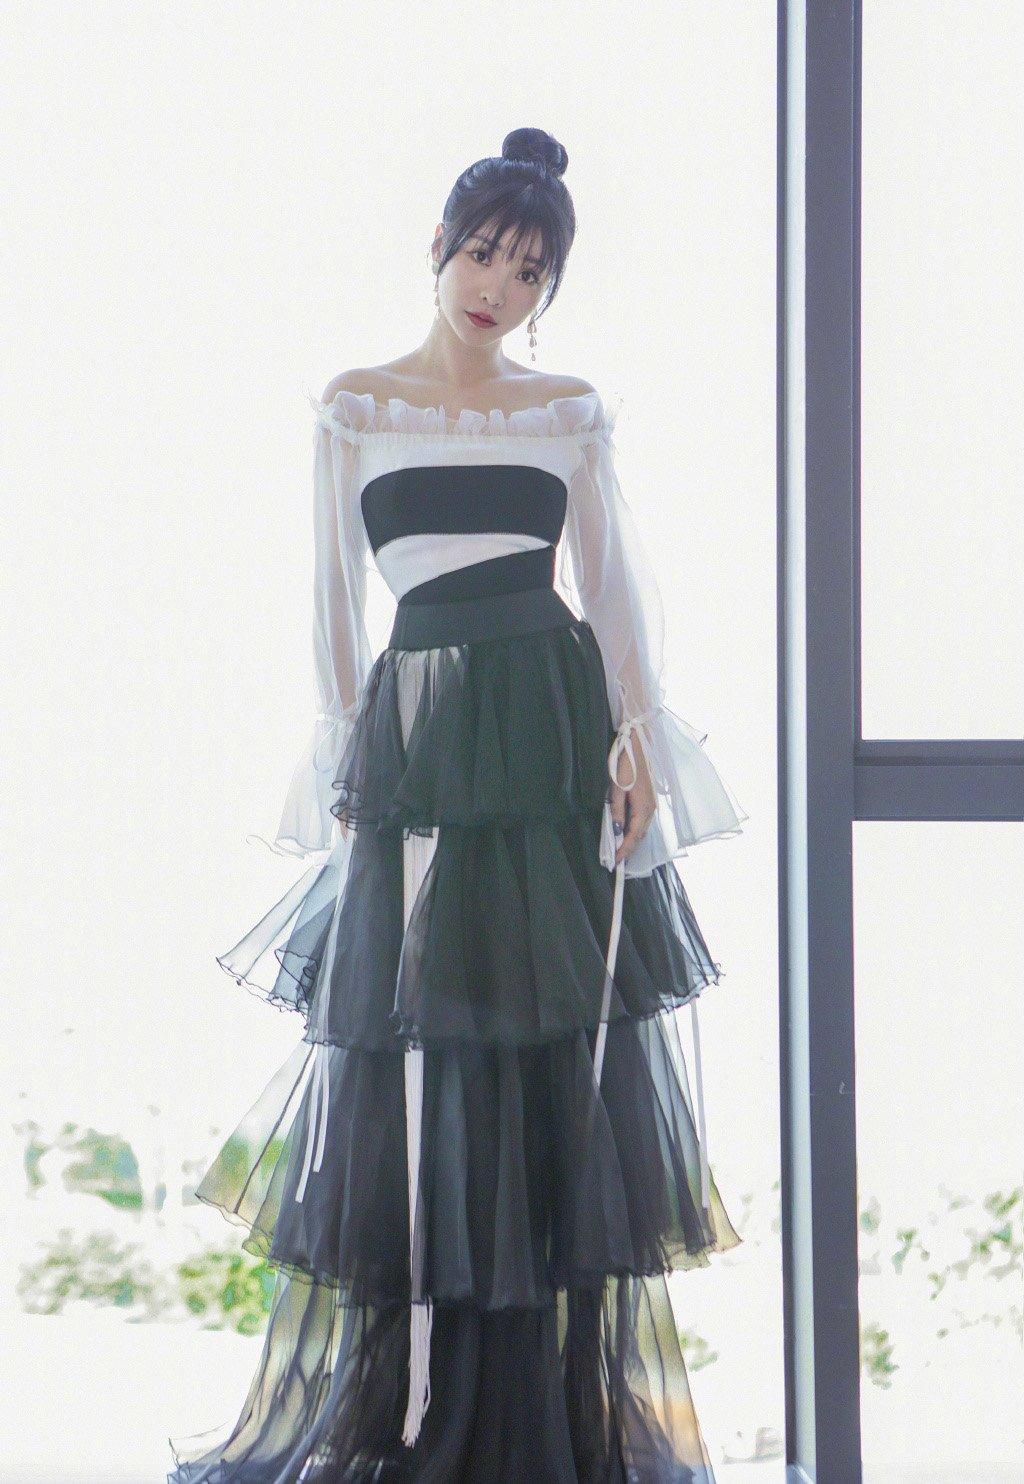 柳岩纱裙性感写真图片